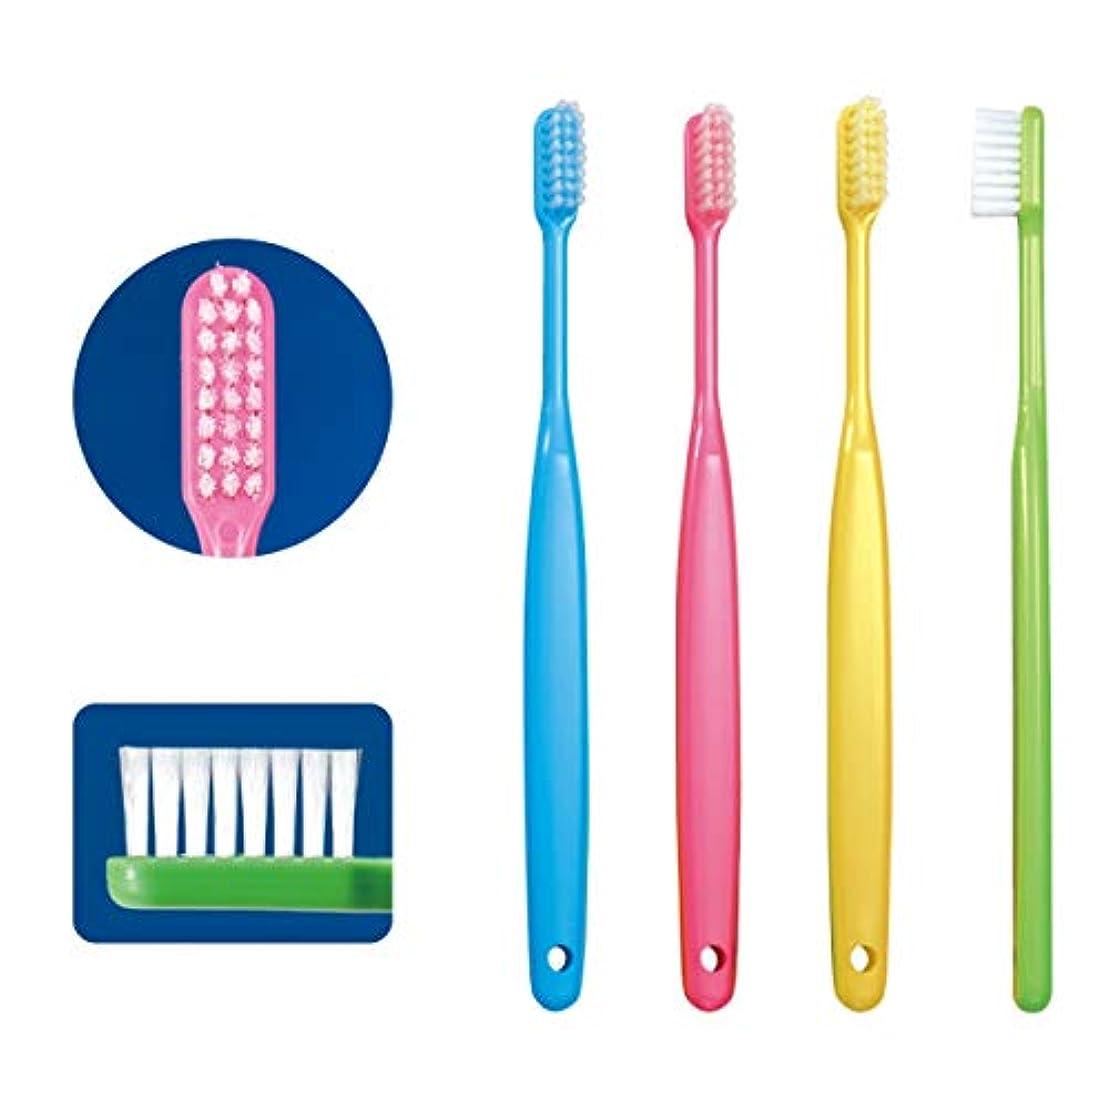 種ムスご注意Ci バリュー 歯ブラシ 1本 M(ふつう) 歯科専売品